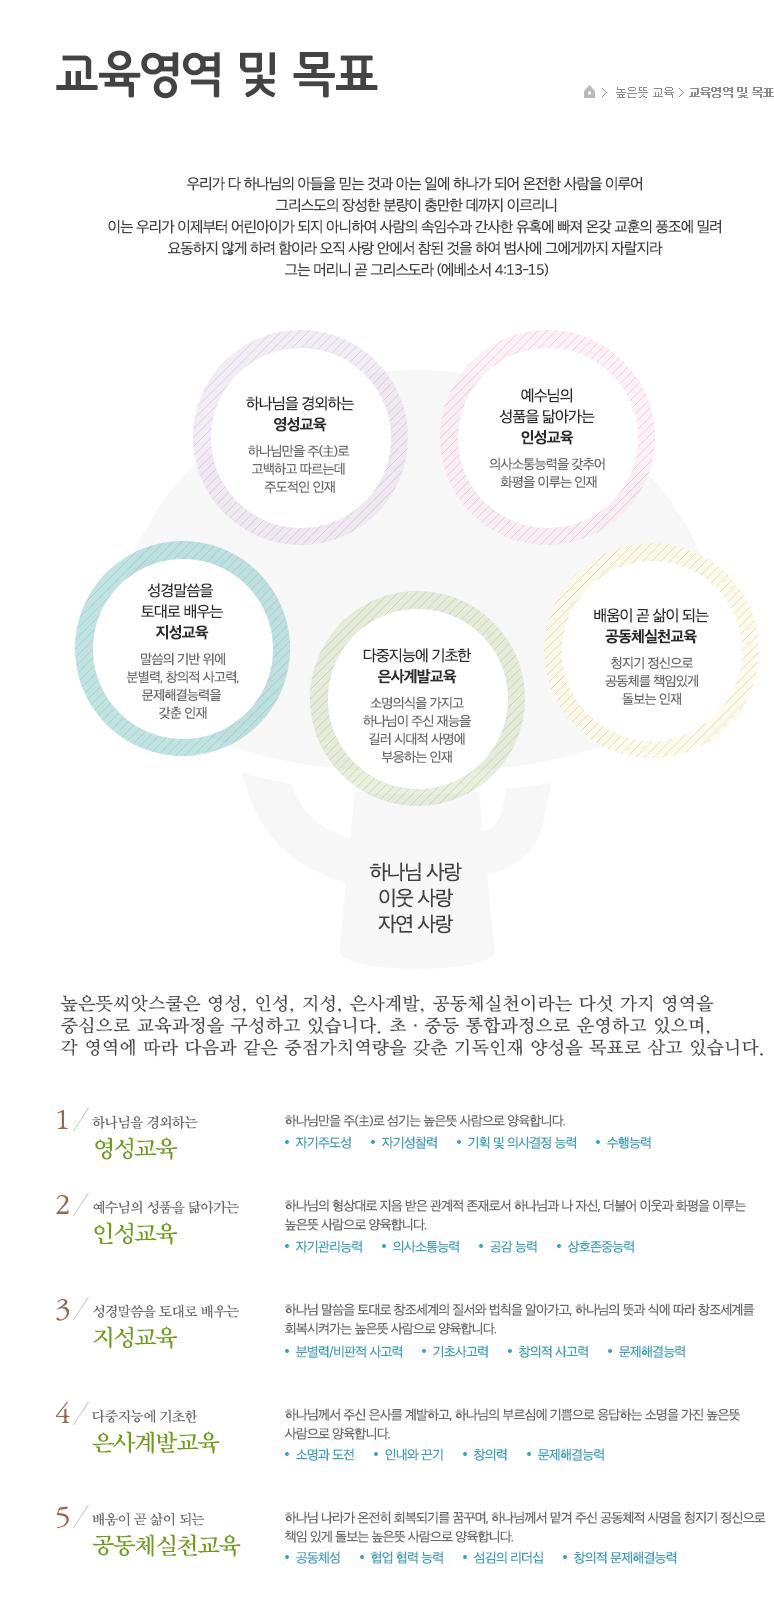 높은뜻-씨앗스쿨(컨텐츠)_높은뜻교육_04.교육영역-및-목표.jpg